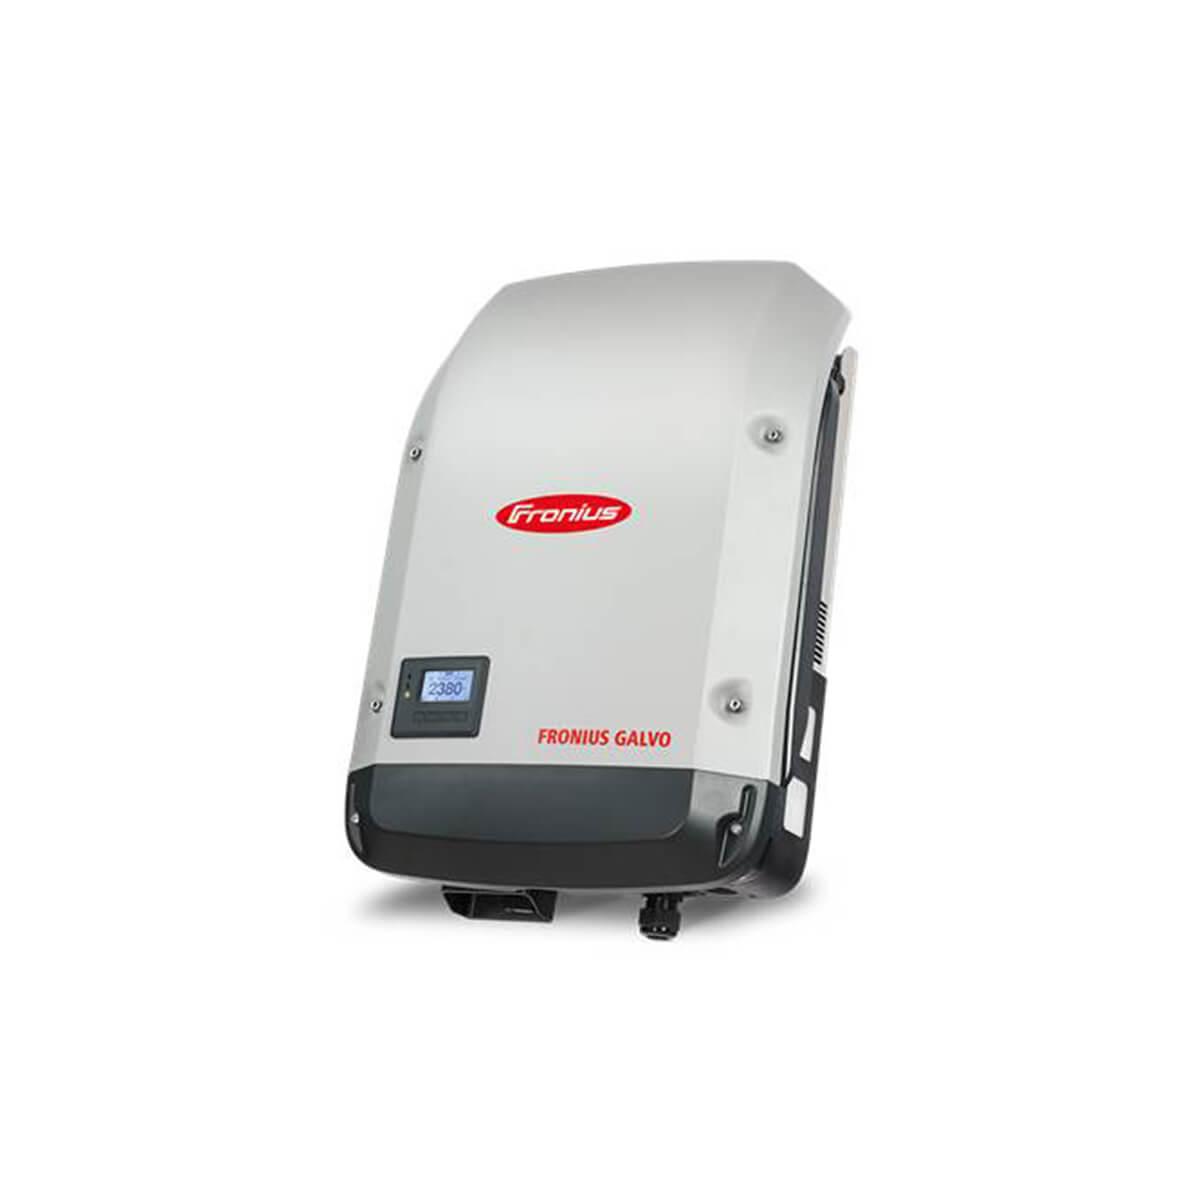 fronius 2.5kW inverter, fronius galvo 2.5kW inverter, fronius galvo 2.5-1 inverter, fronius galvo 2.5-1, fronius galvo 2.5 kW, FRONIUS 2.5 KW